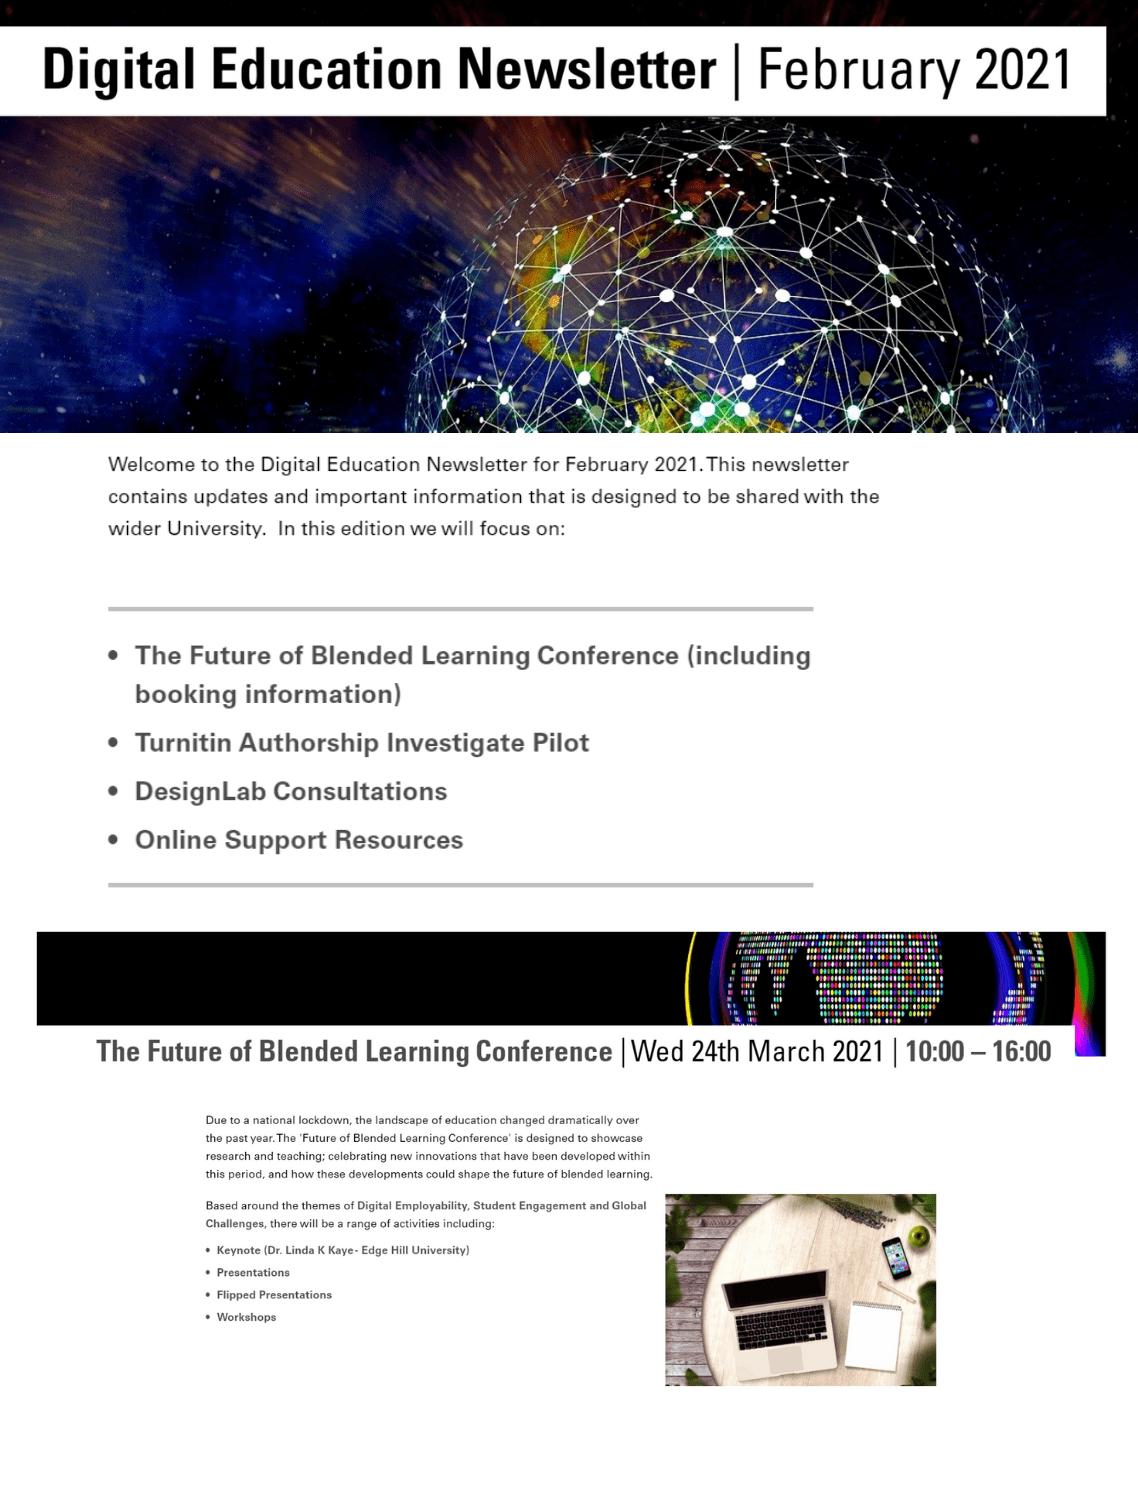 Digital Education Newsletter February 2021